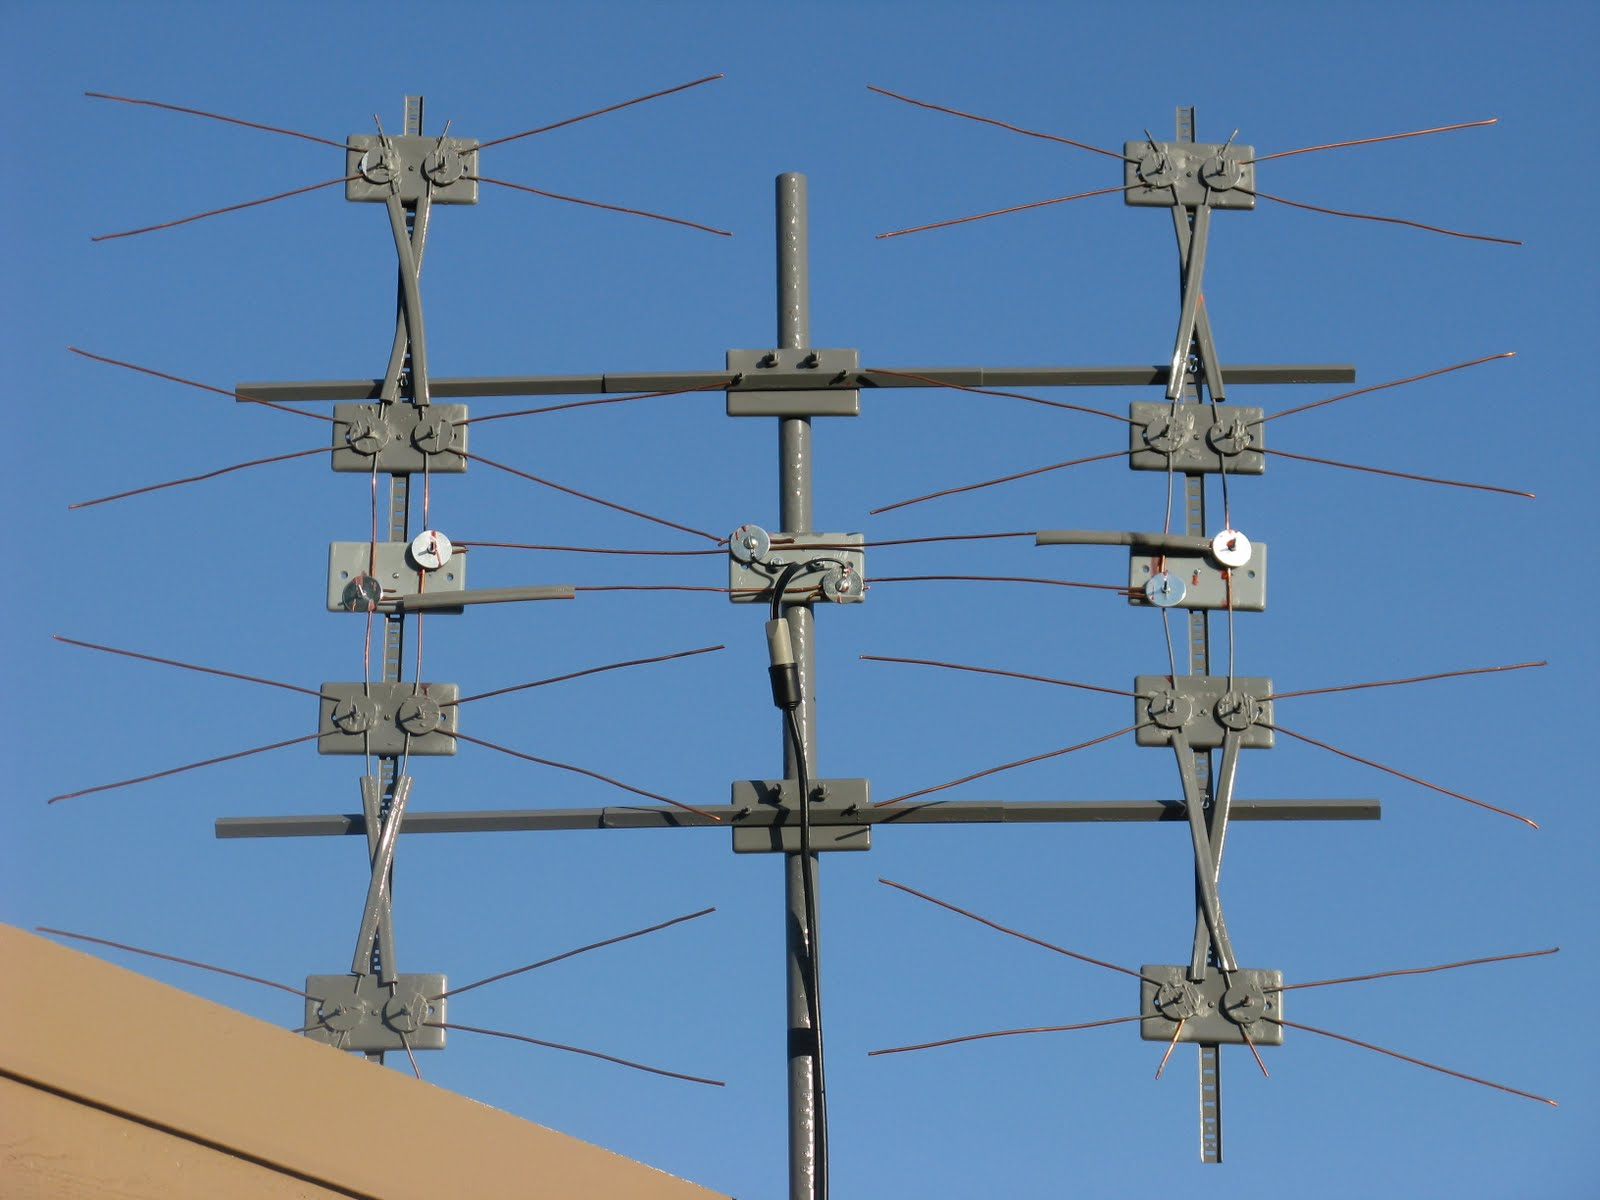 ТВ-антенна своими руками: как улучшить или изготовить ТВ 55